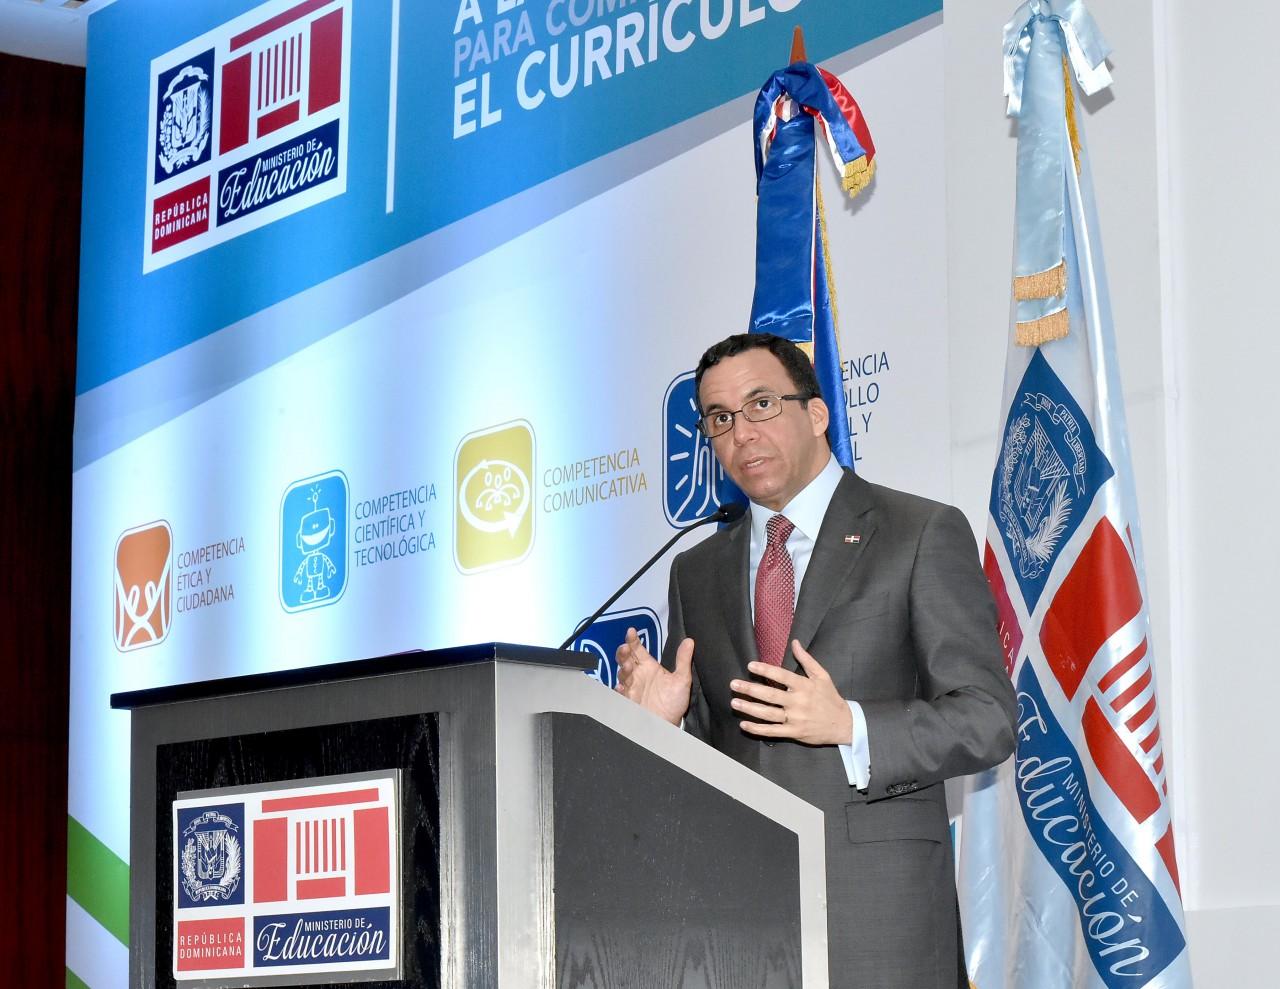 imagen Ministro Andrés Navarro en podium presentando el programa del Nuevo Currículo Escolar